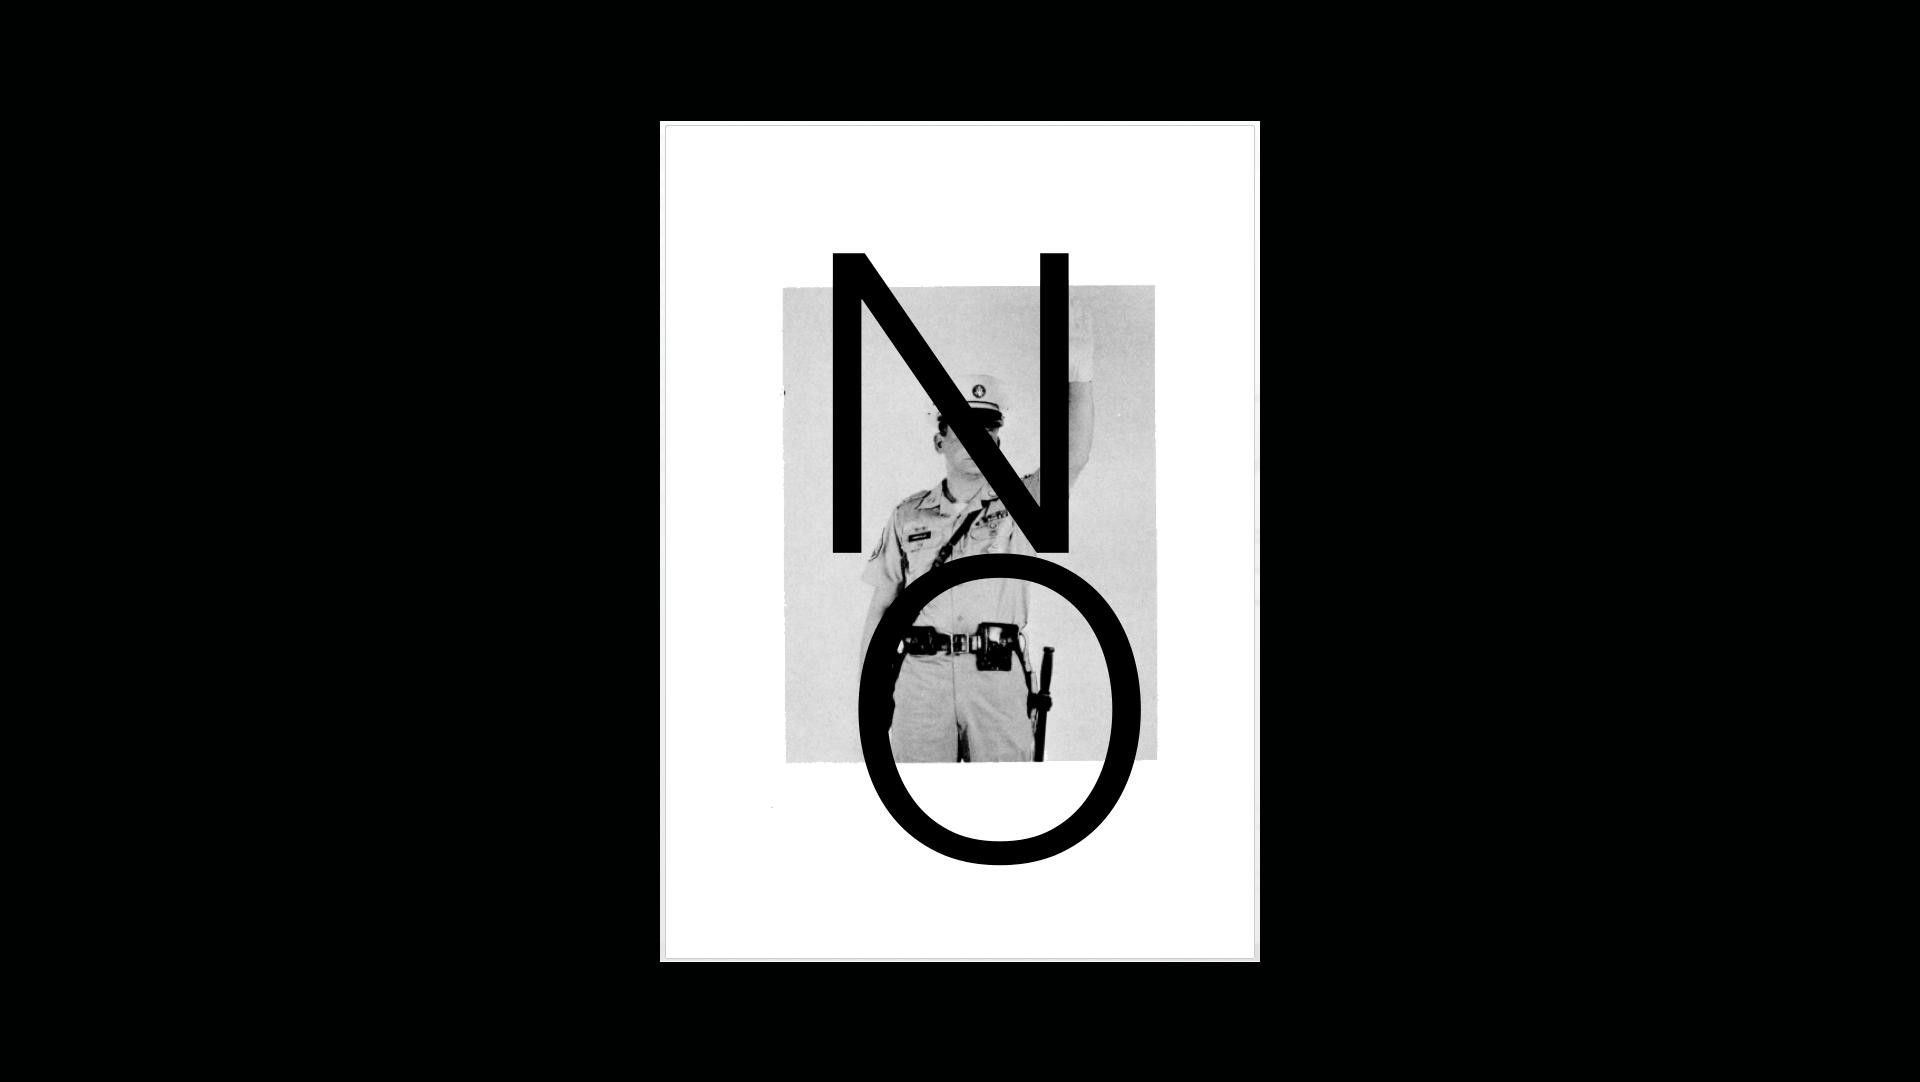 Studio Kat Rahmani Iran's Sanctions – 2012 تحریم های ایران